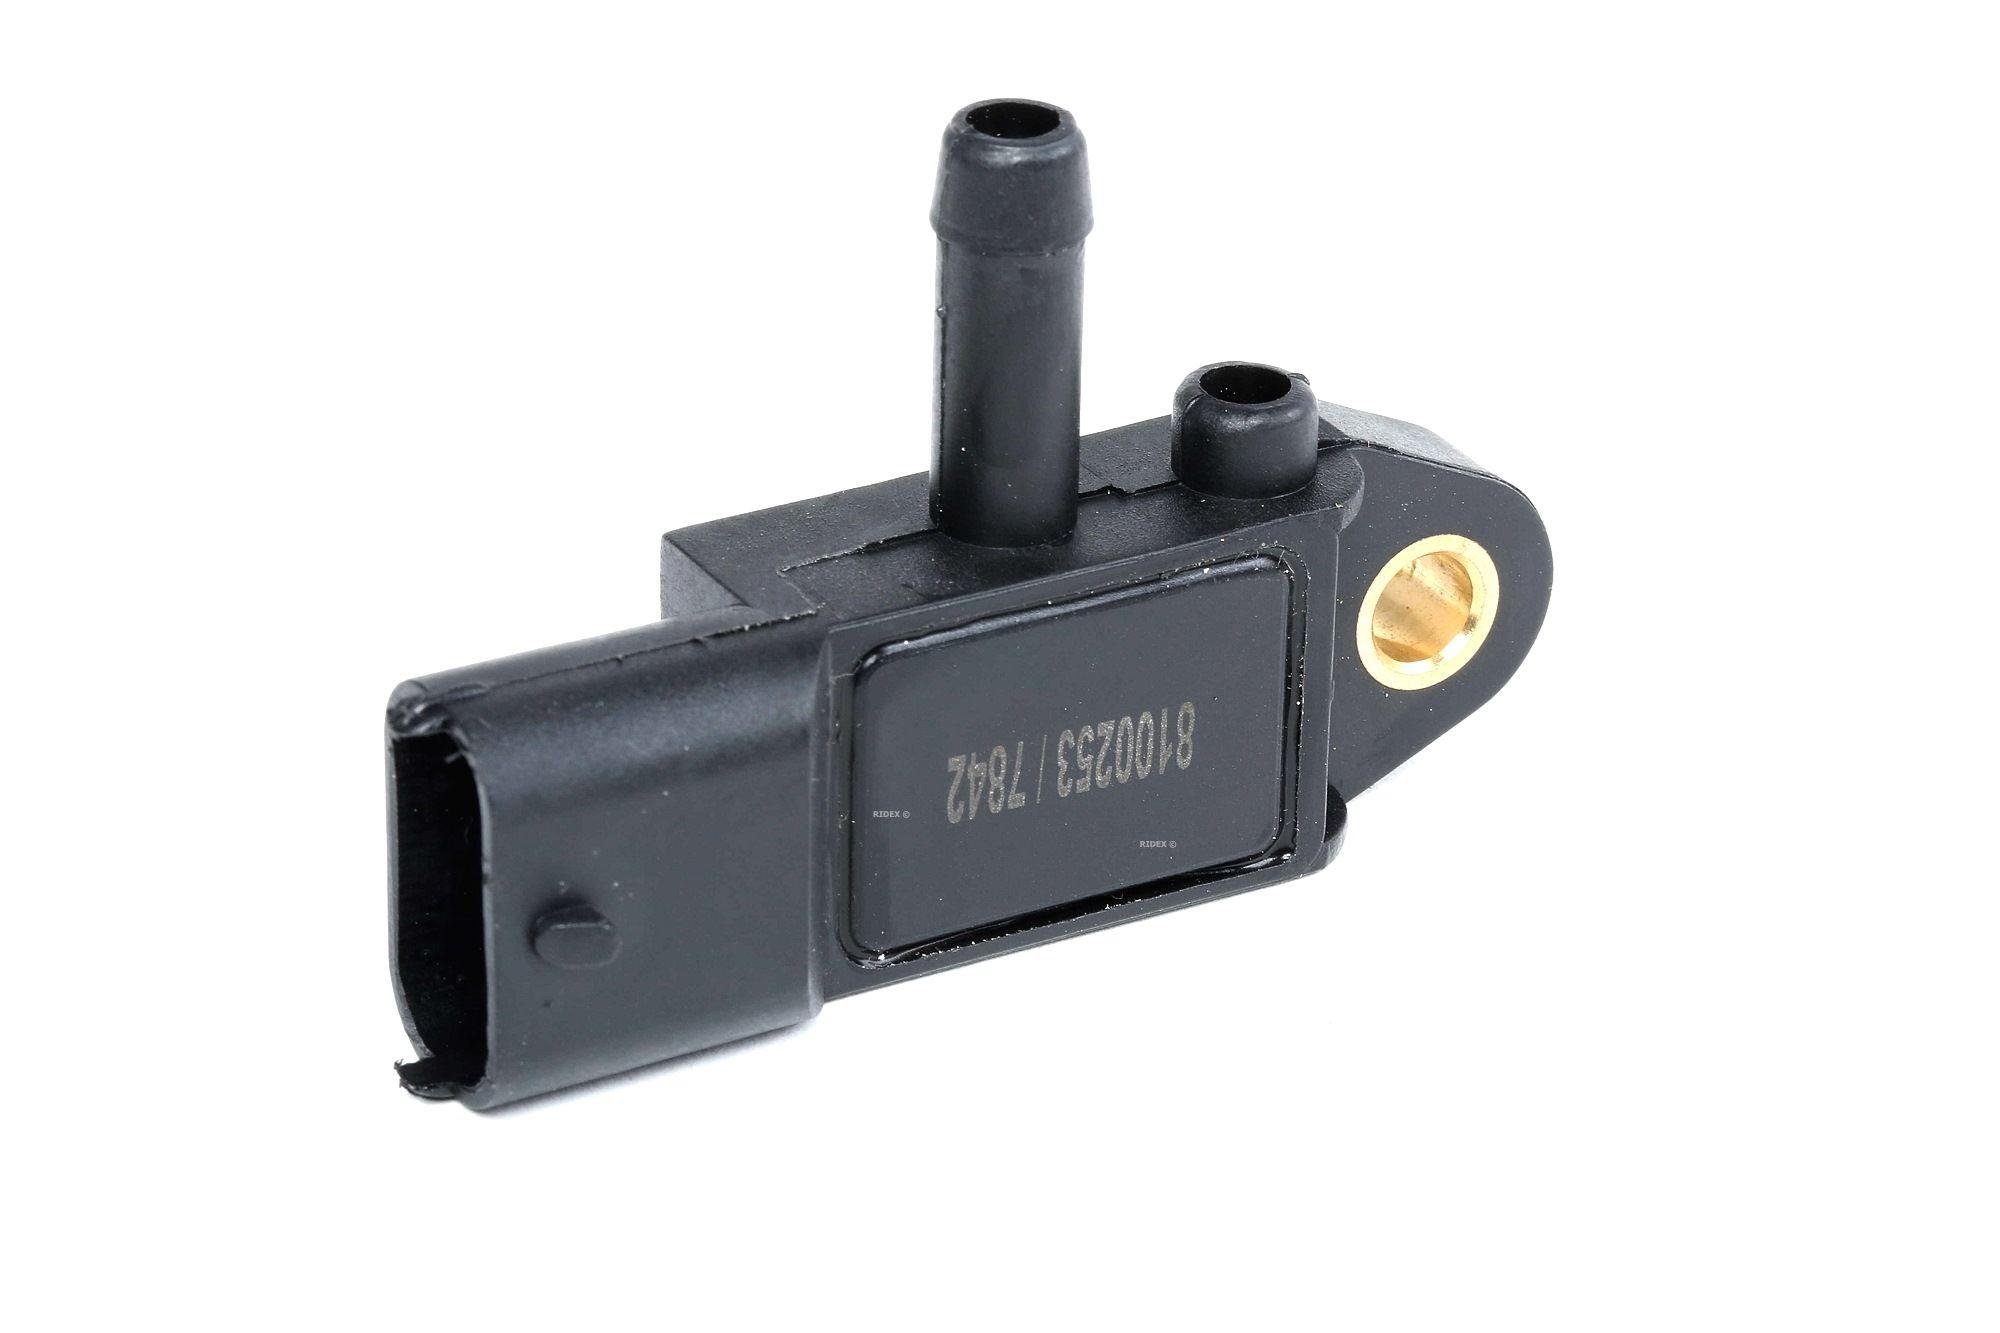 RIDEX: Original Abgasdrucksensor 4272S0008 (Anschlussanzahl: 3)